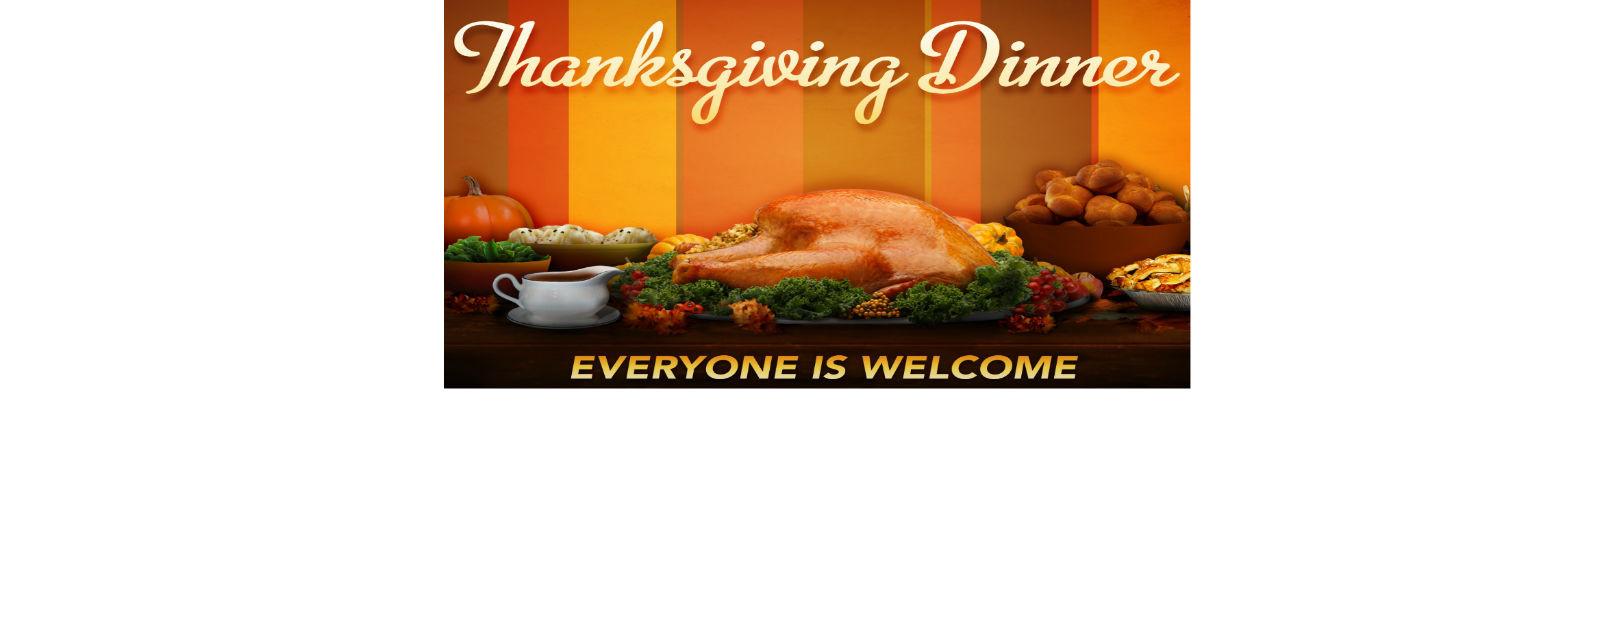 Krogers Thanksgiving Dinner 2019  MHS Prepares for Annual Thanksgiving Dinner Messalonskee